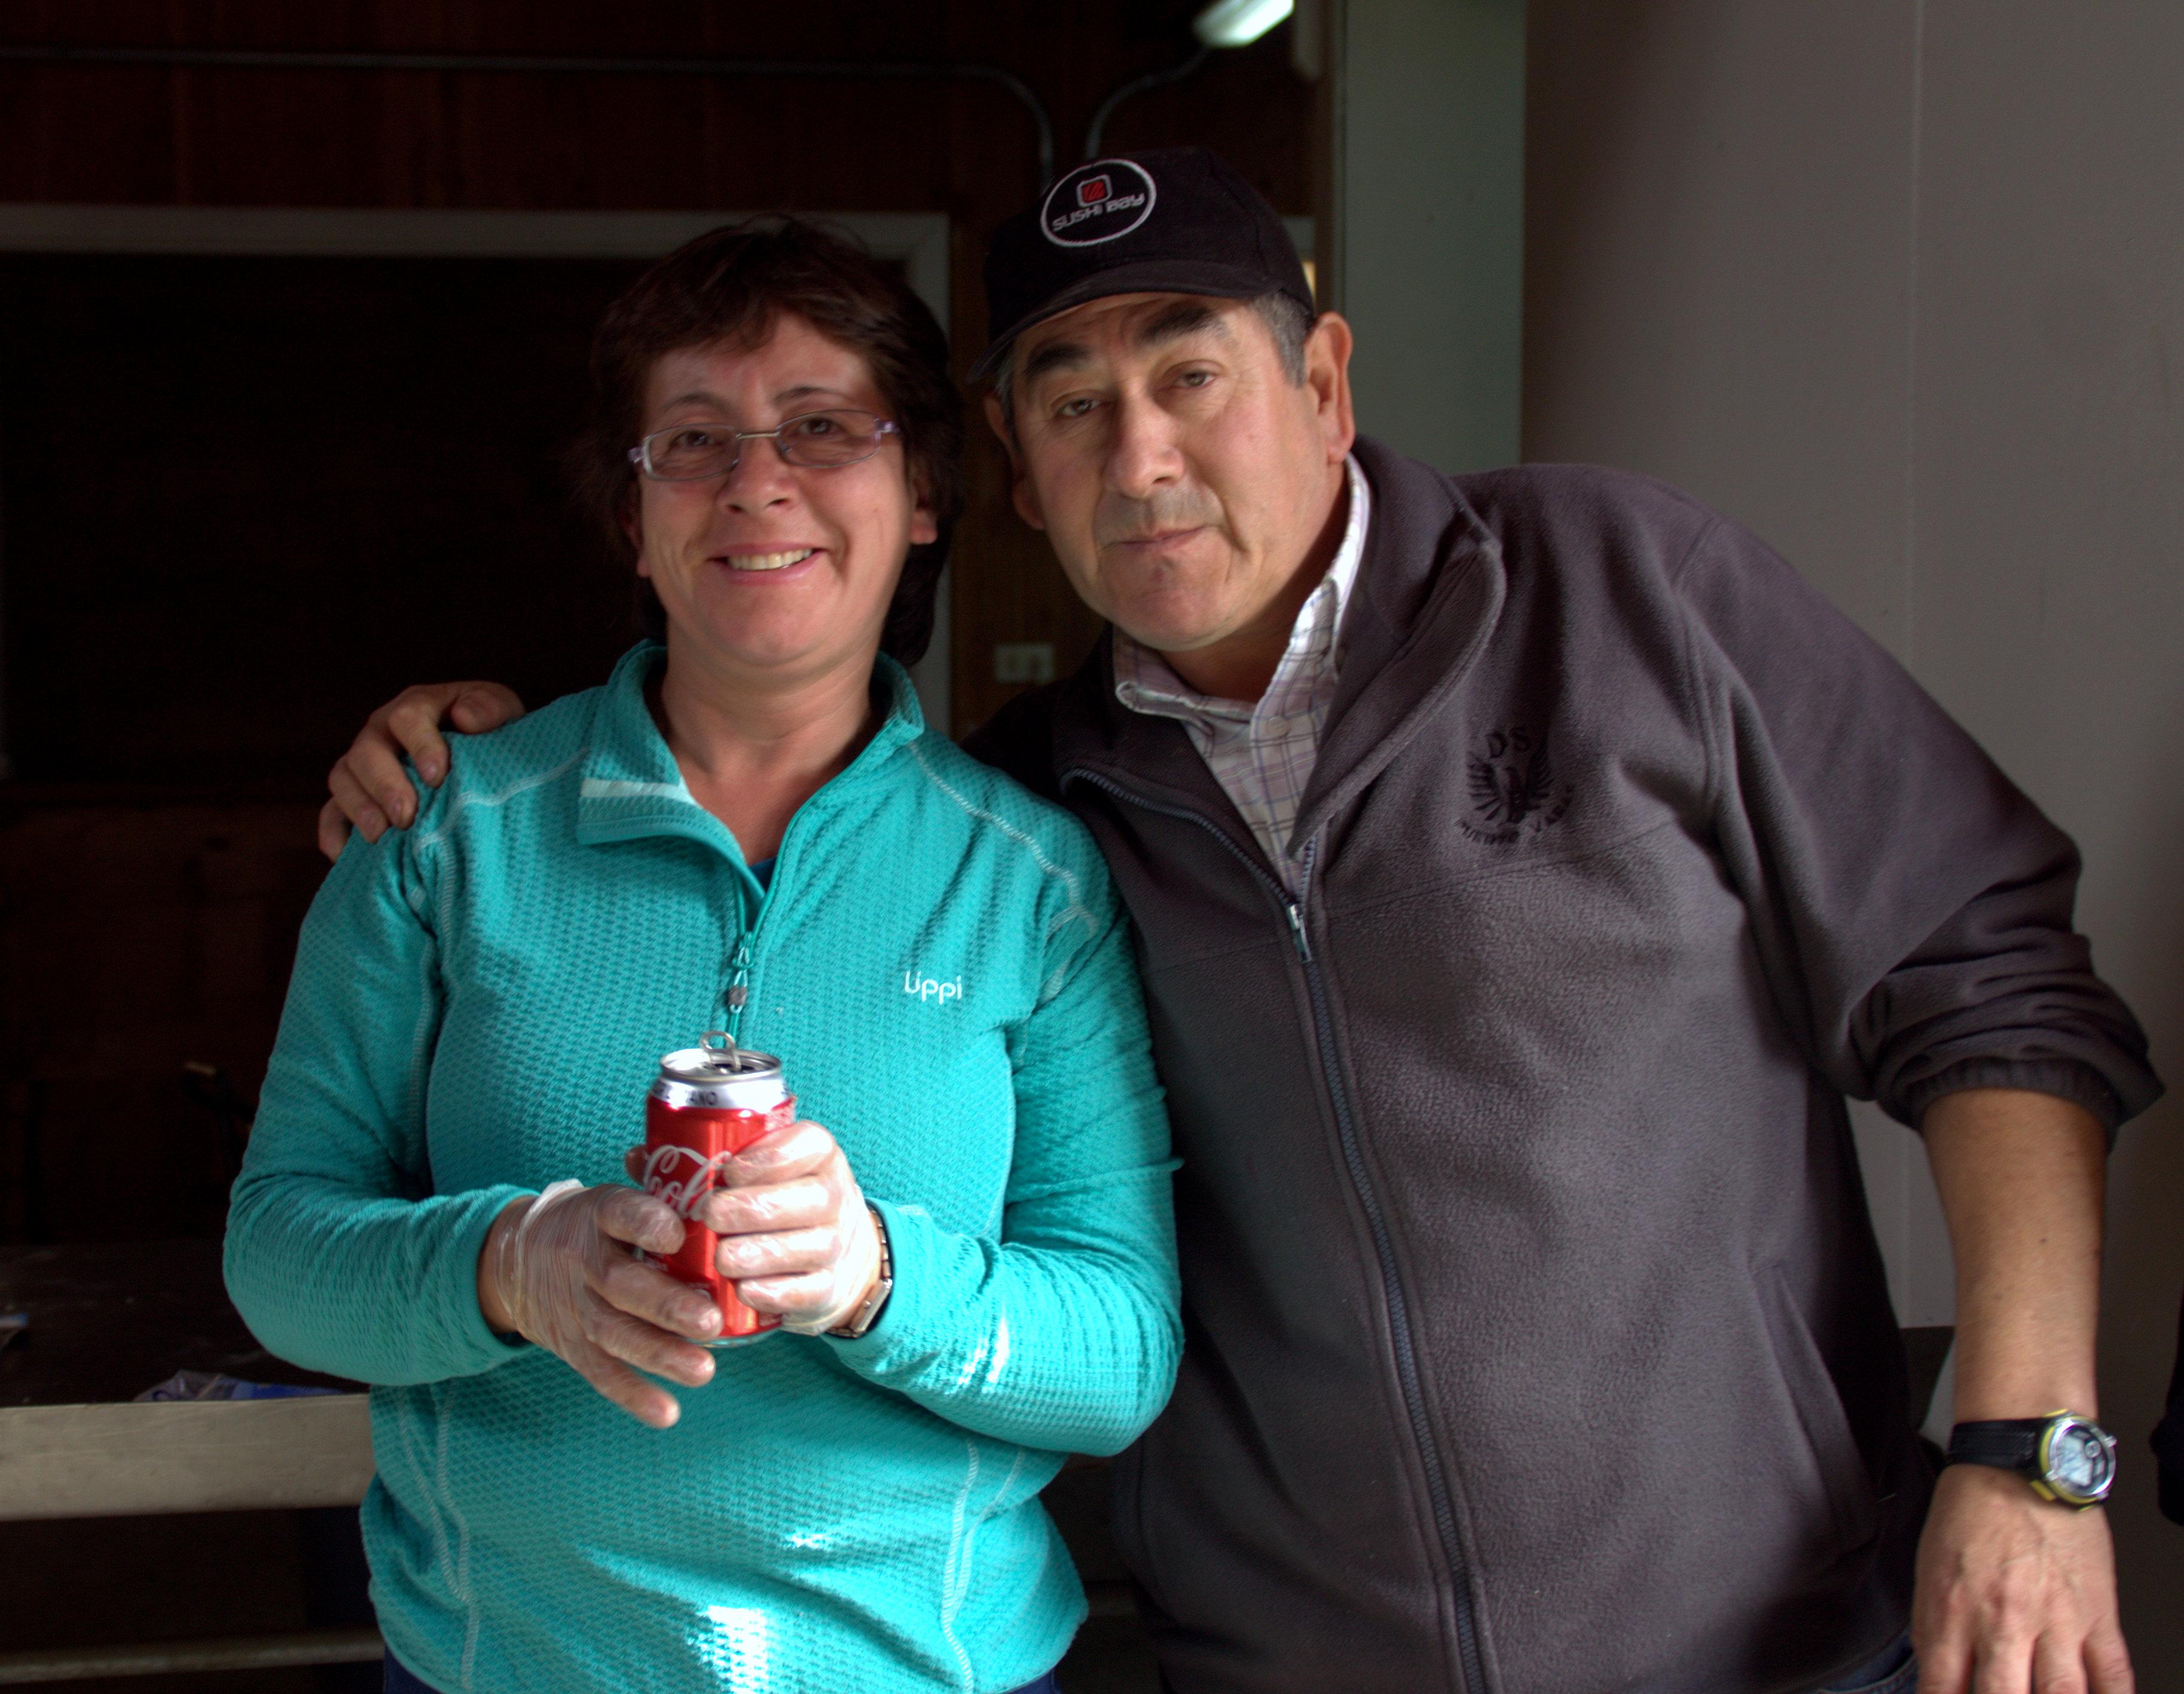 Don Jaime y nuestra angelita que nos cuida en tener todo limpiecito